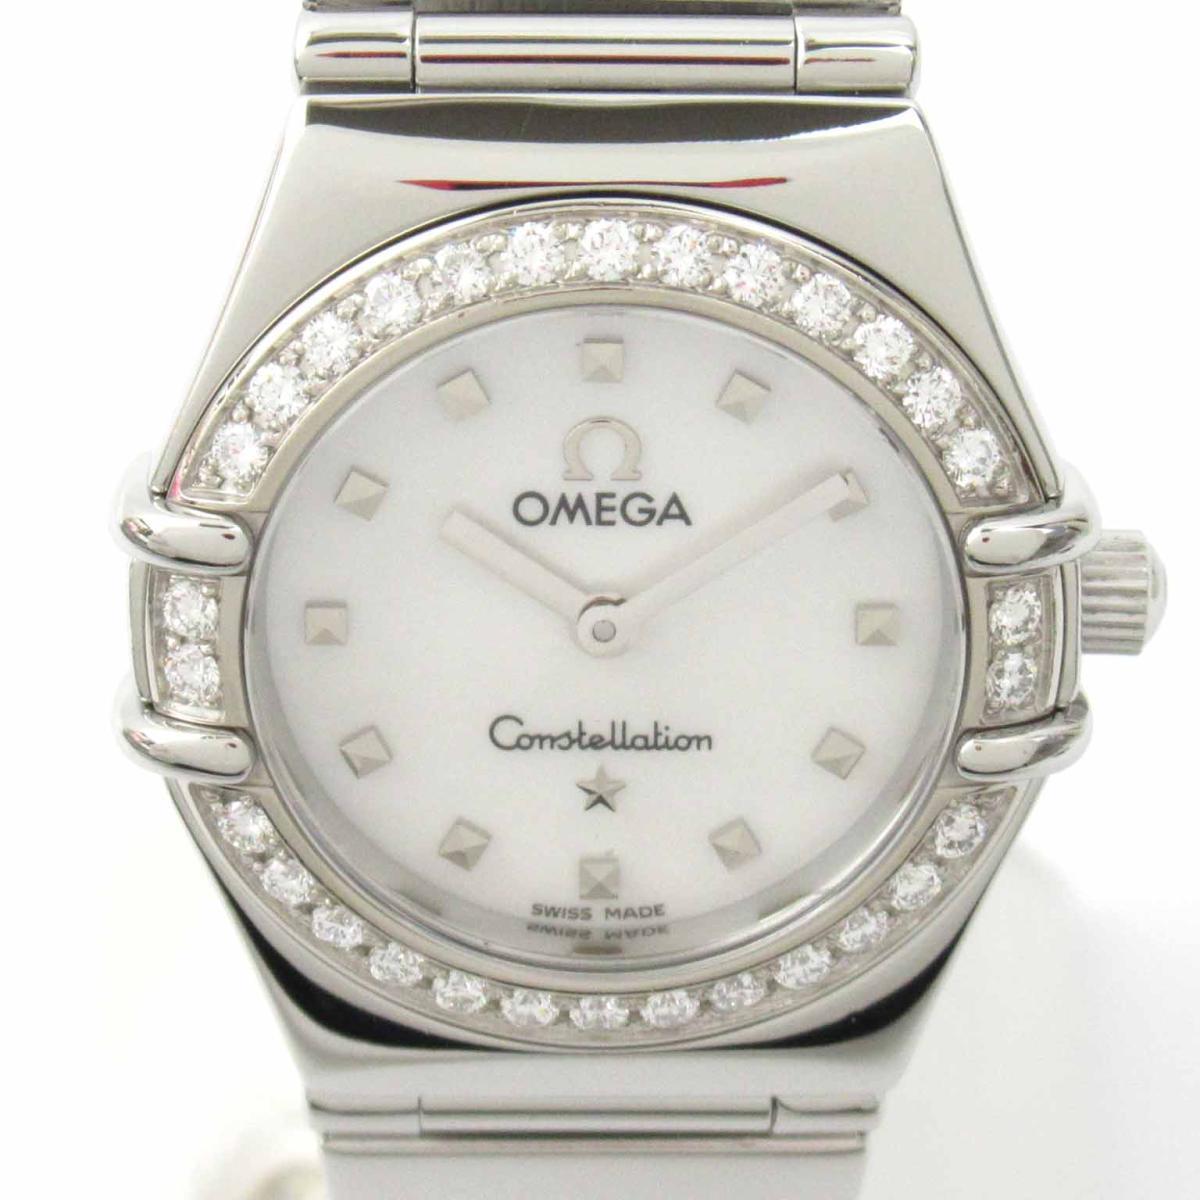 【中古】 オメガ コンステレーション ミニ ダイヤベゼル ウォッチ 腕時計 レディース ステンレススチール (SS) | OMEGA BRANDOFF ブランドオフ ブランド ブランド時計 ブランド腕時計 時計